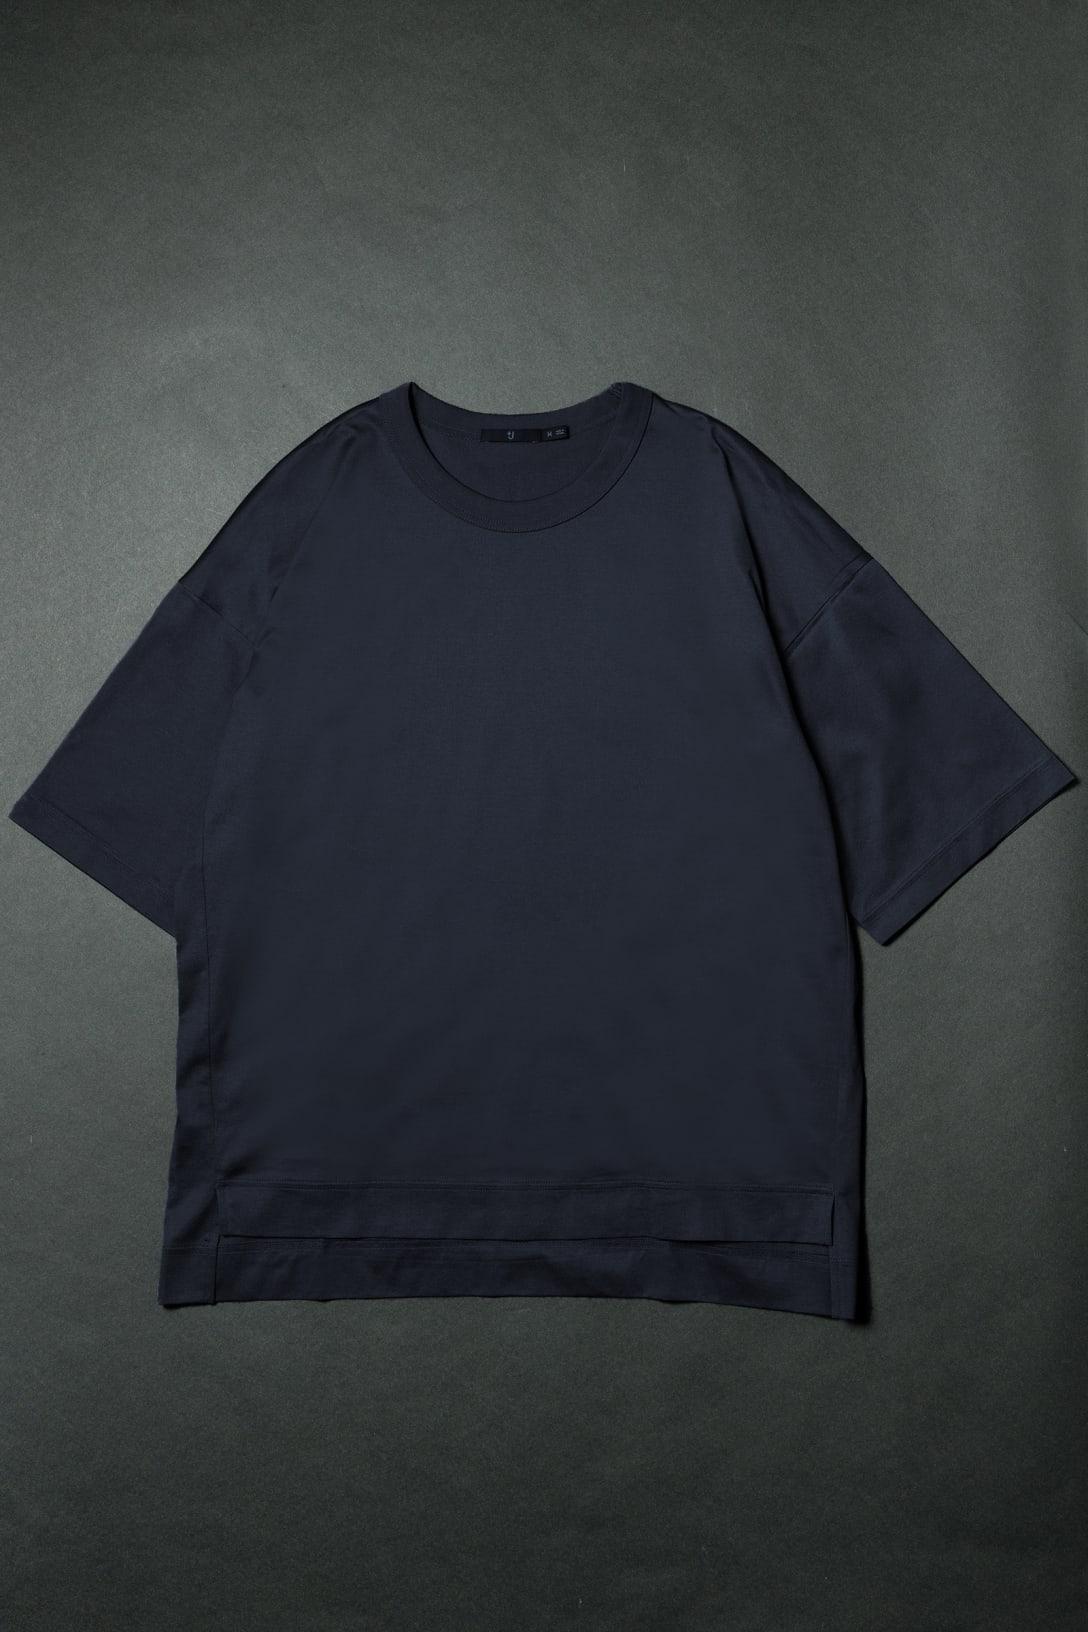 スーピマコットンオーバーサイズT 5分袖(1990円)※価格はいずれも税込